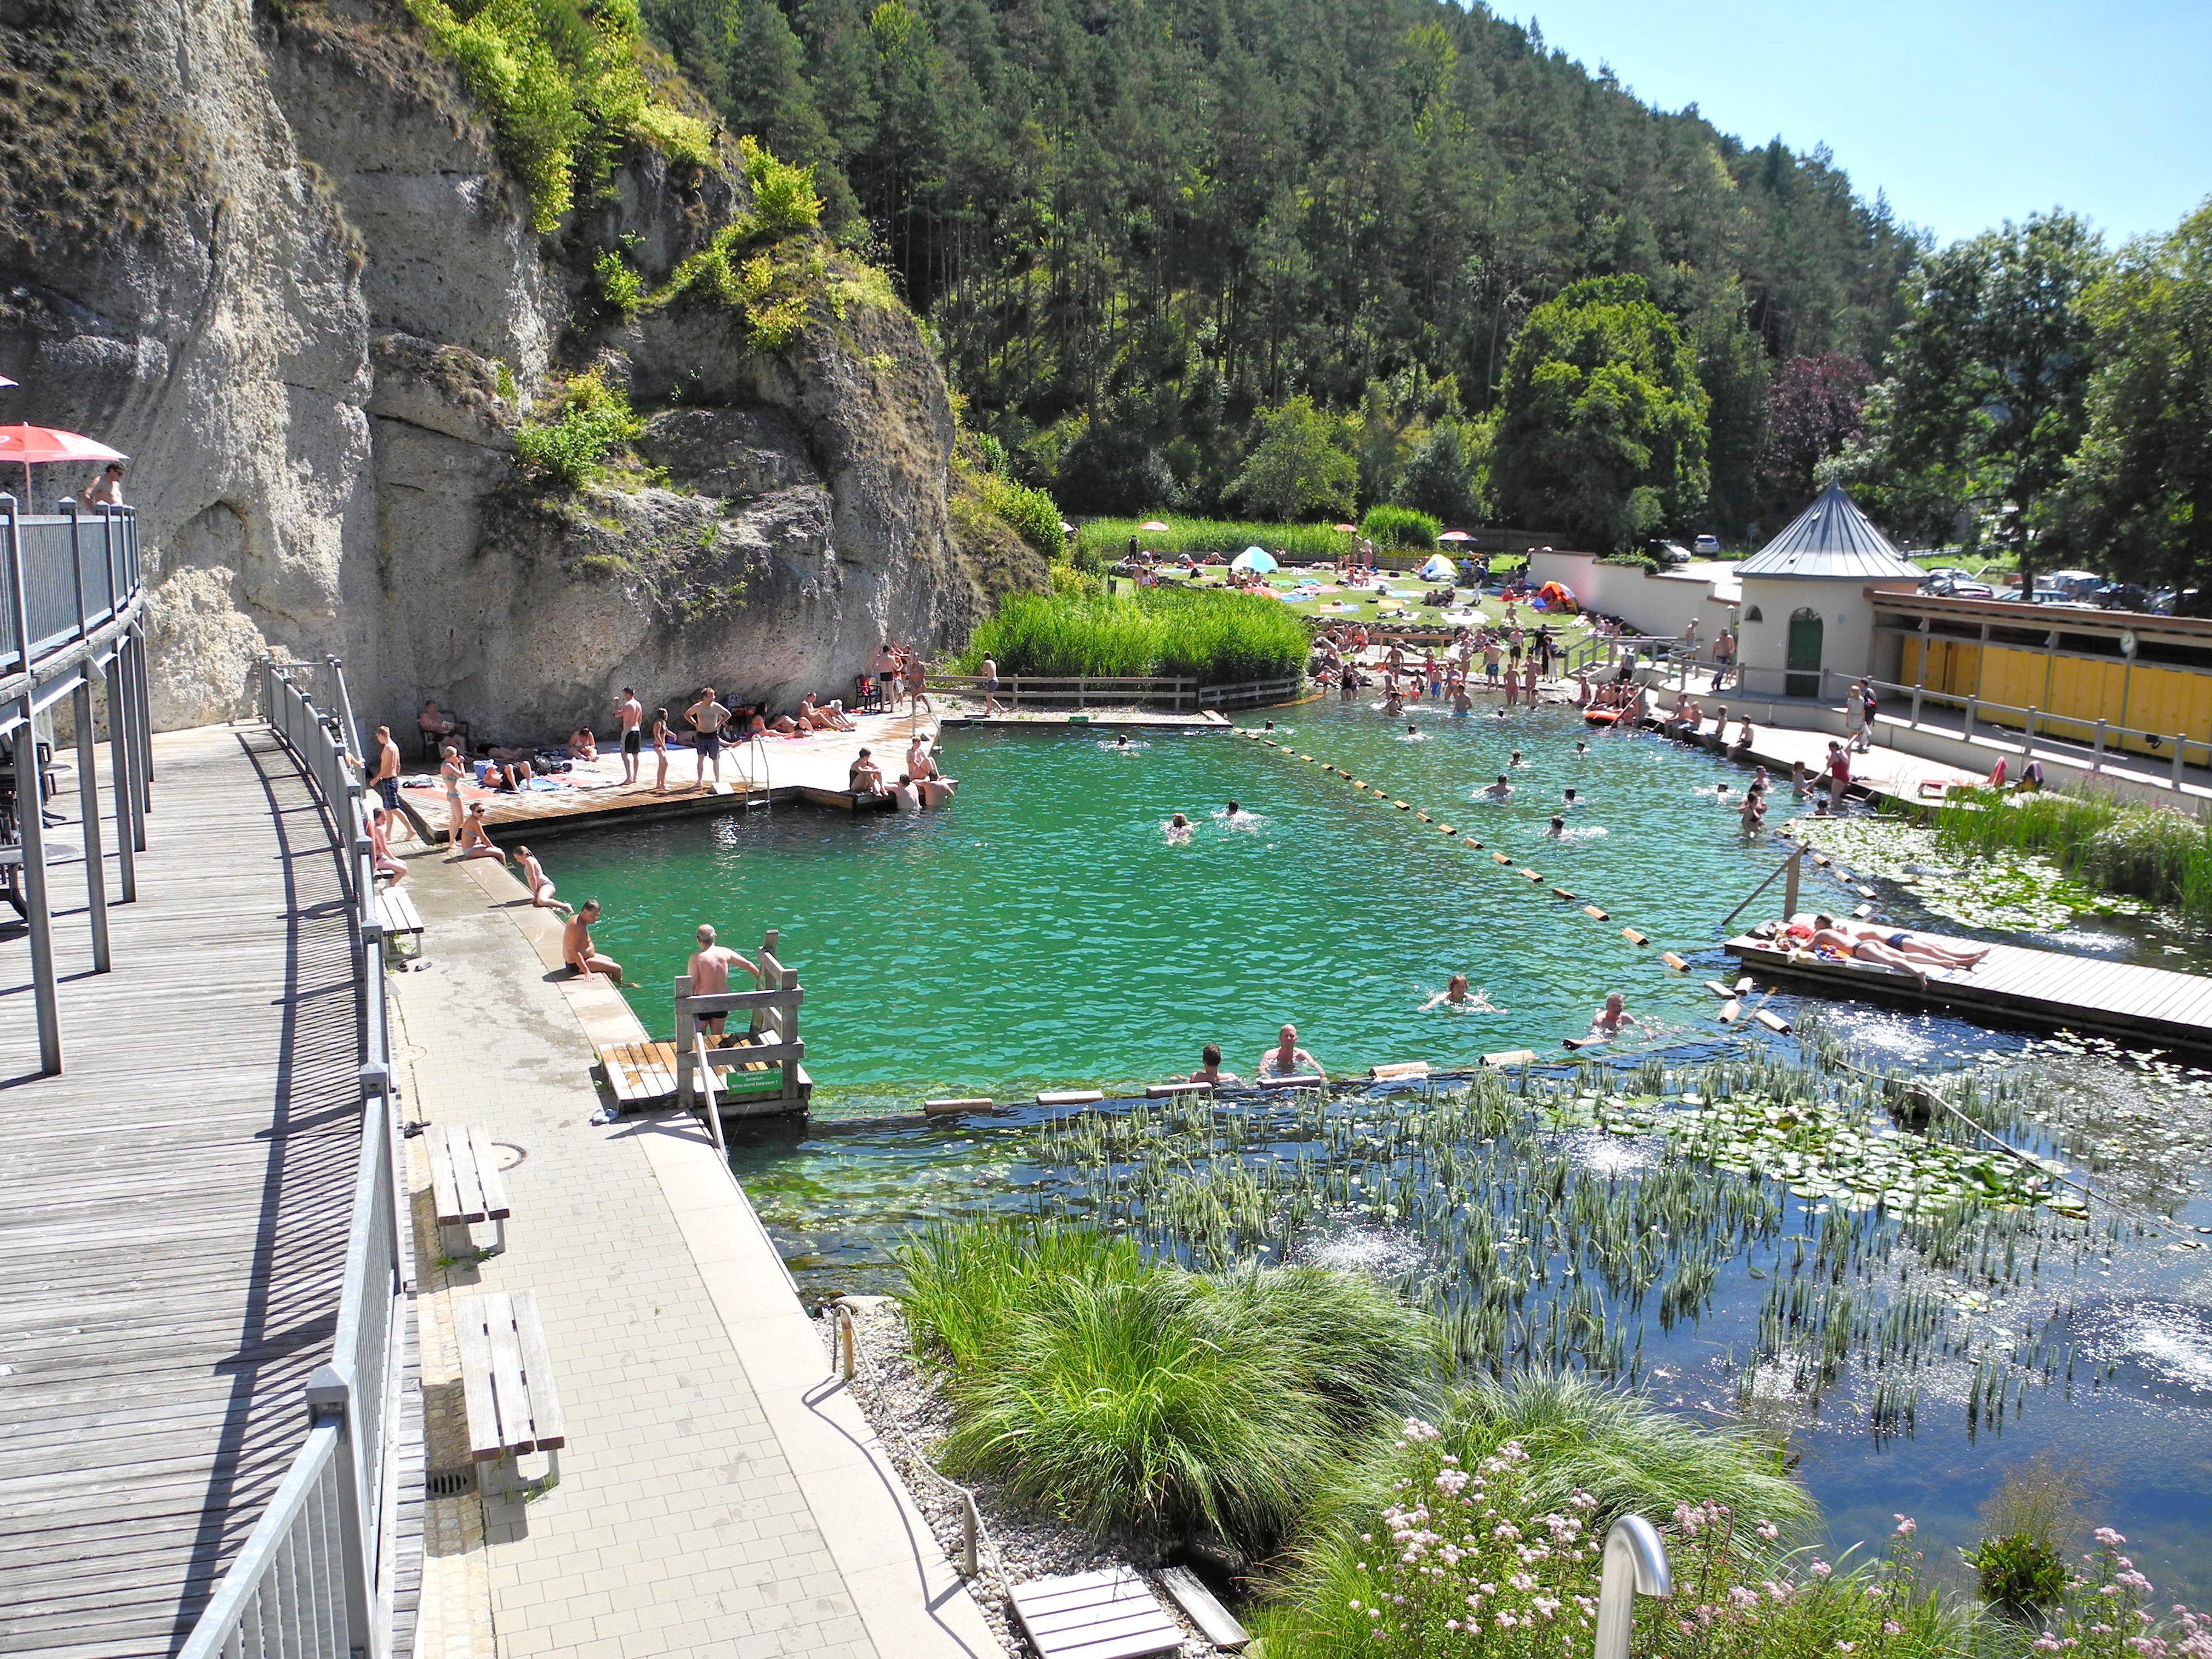 schönste schwimmbäder deutschland